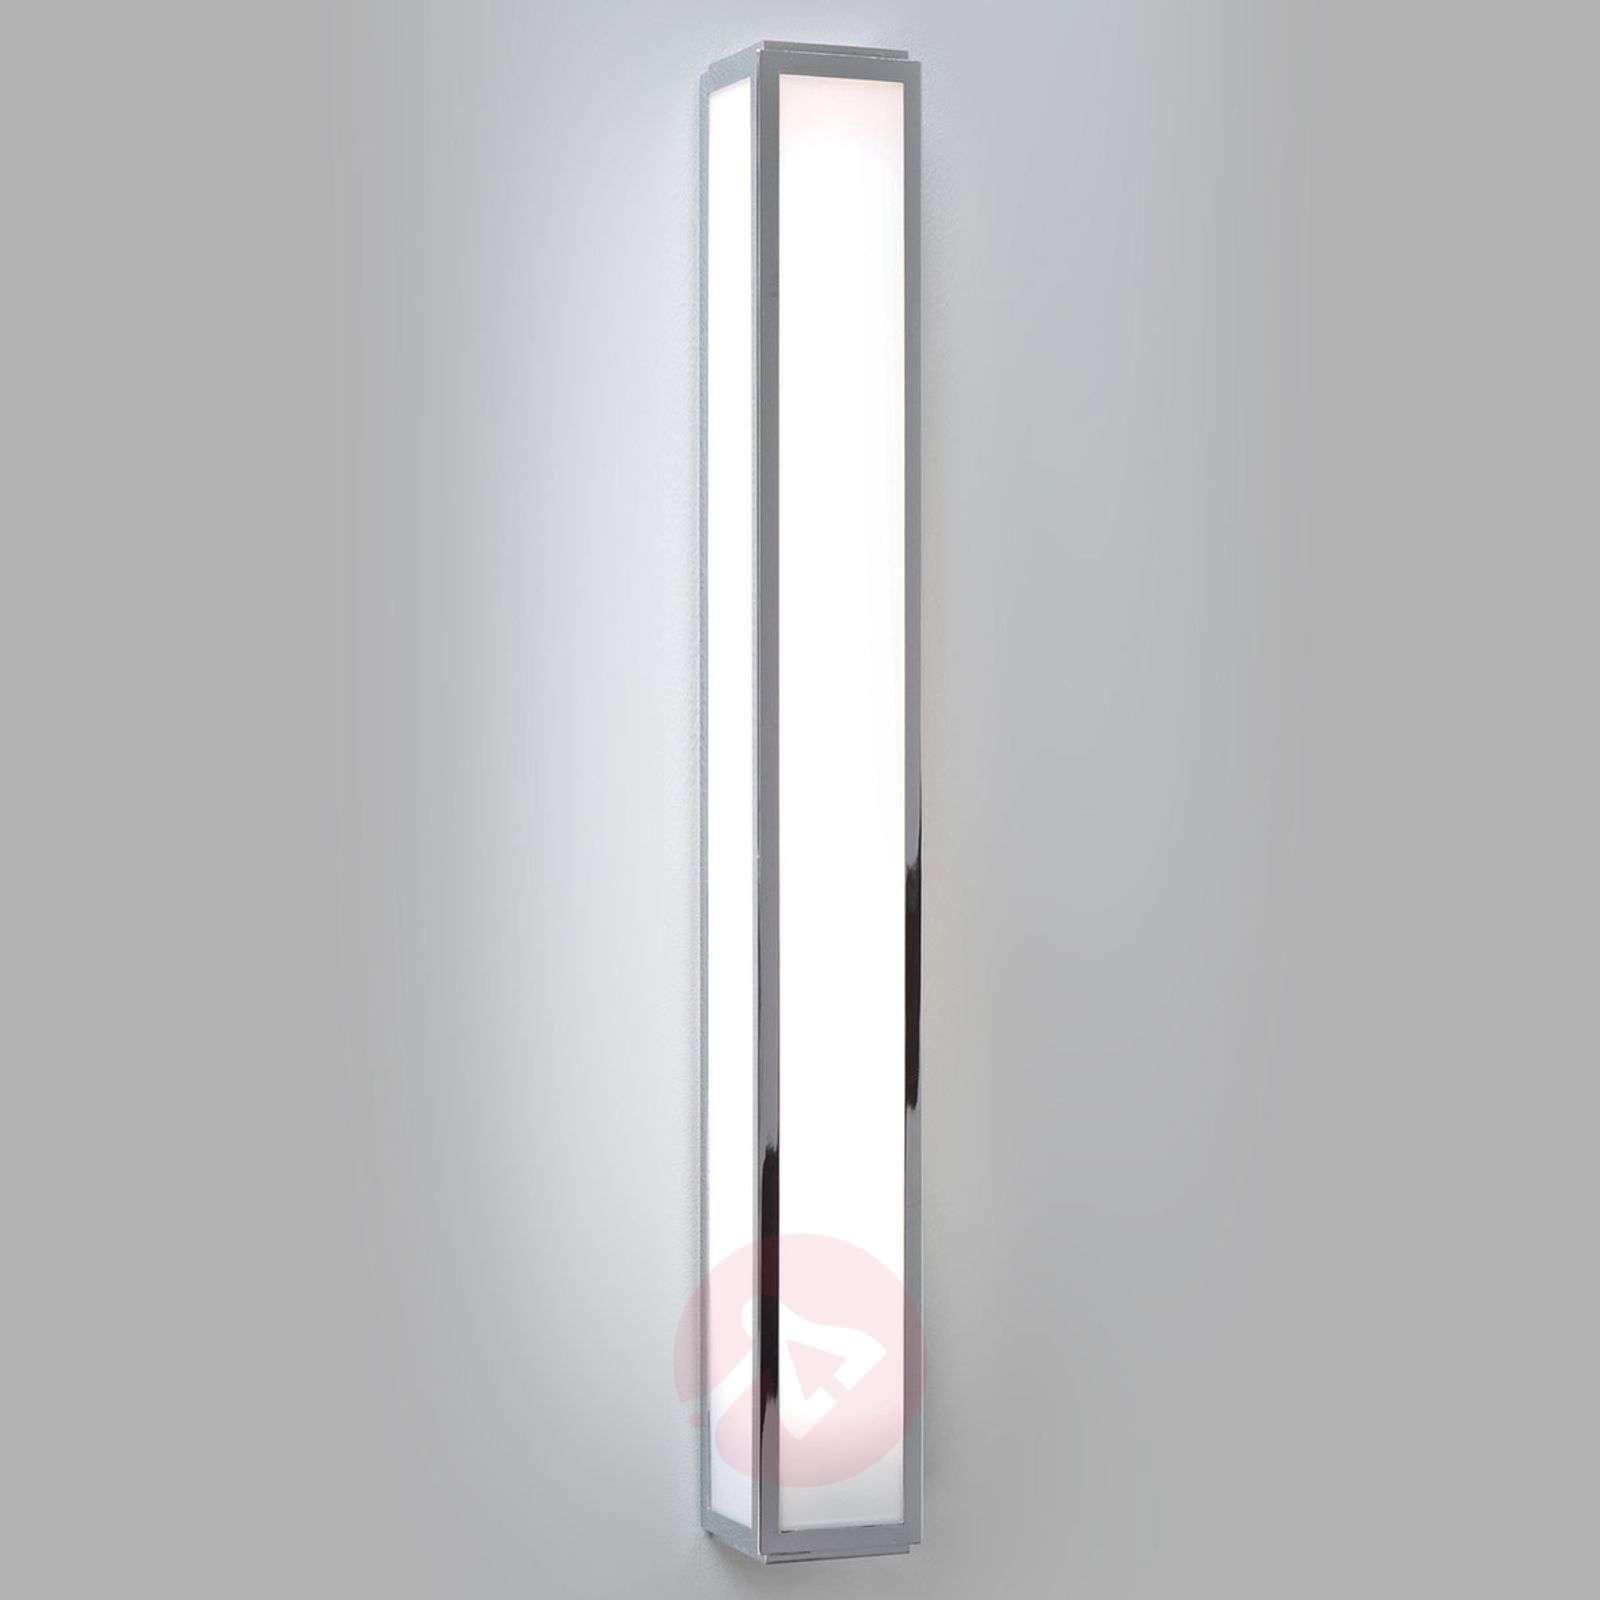 Pitkittäinen LED-seinävalaisin MASHIKO 600 LED-1020485-02